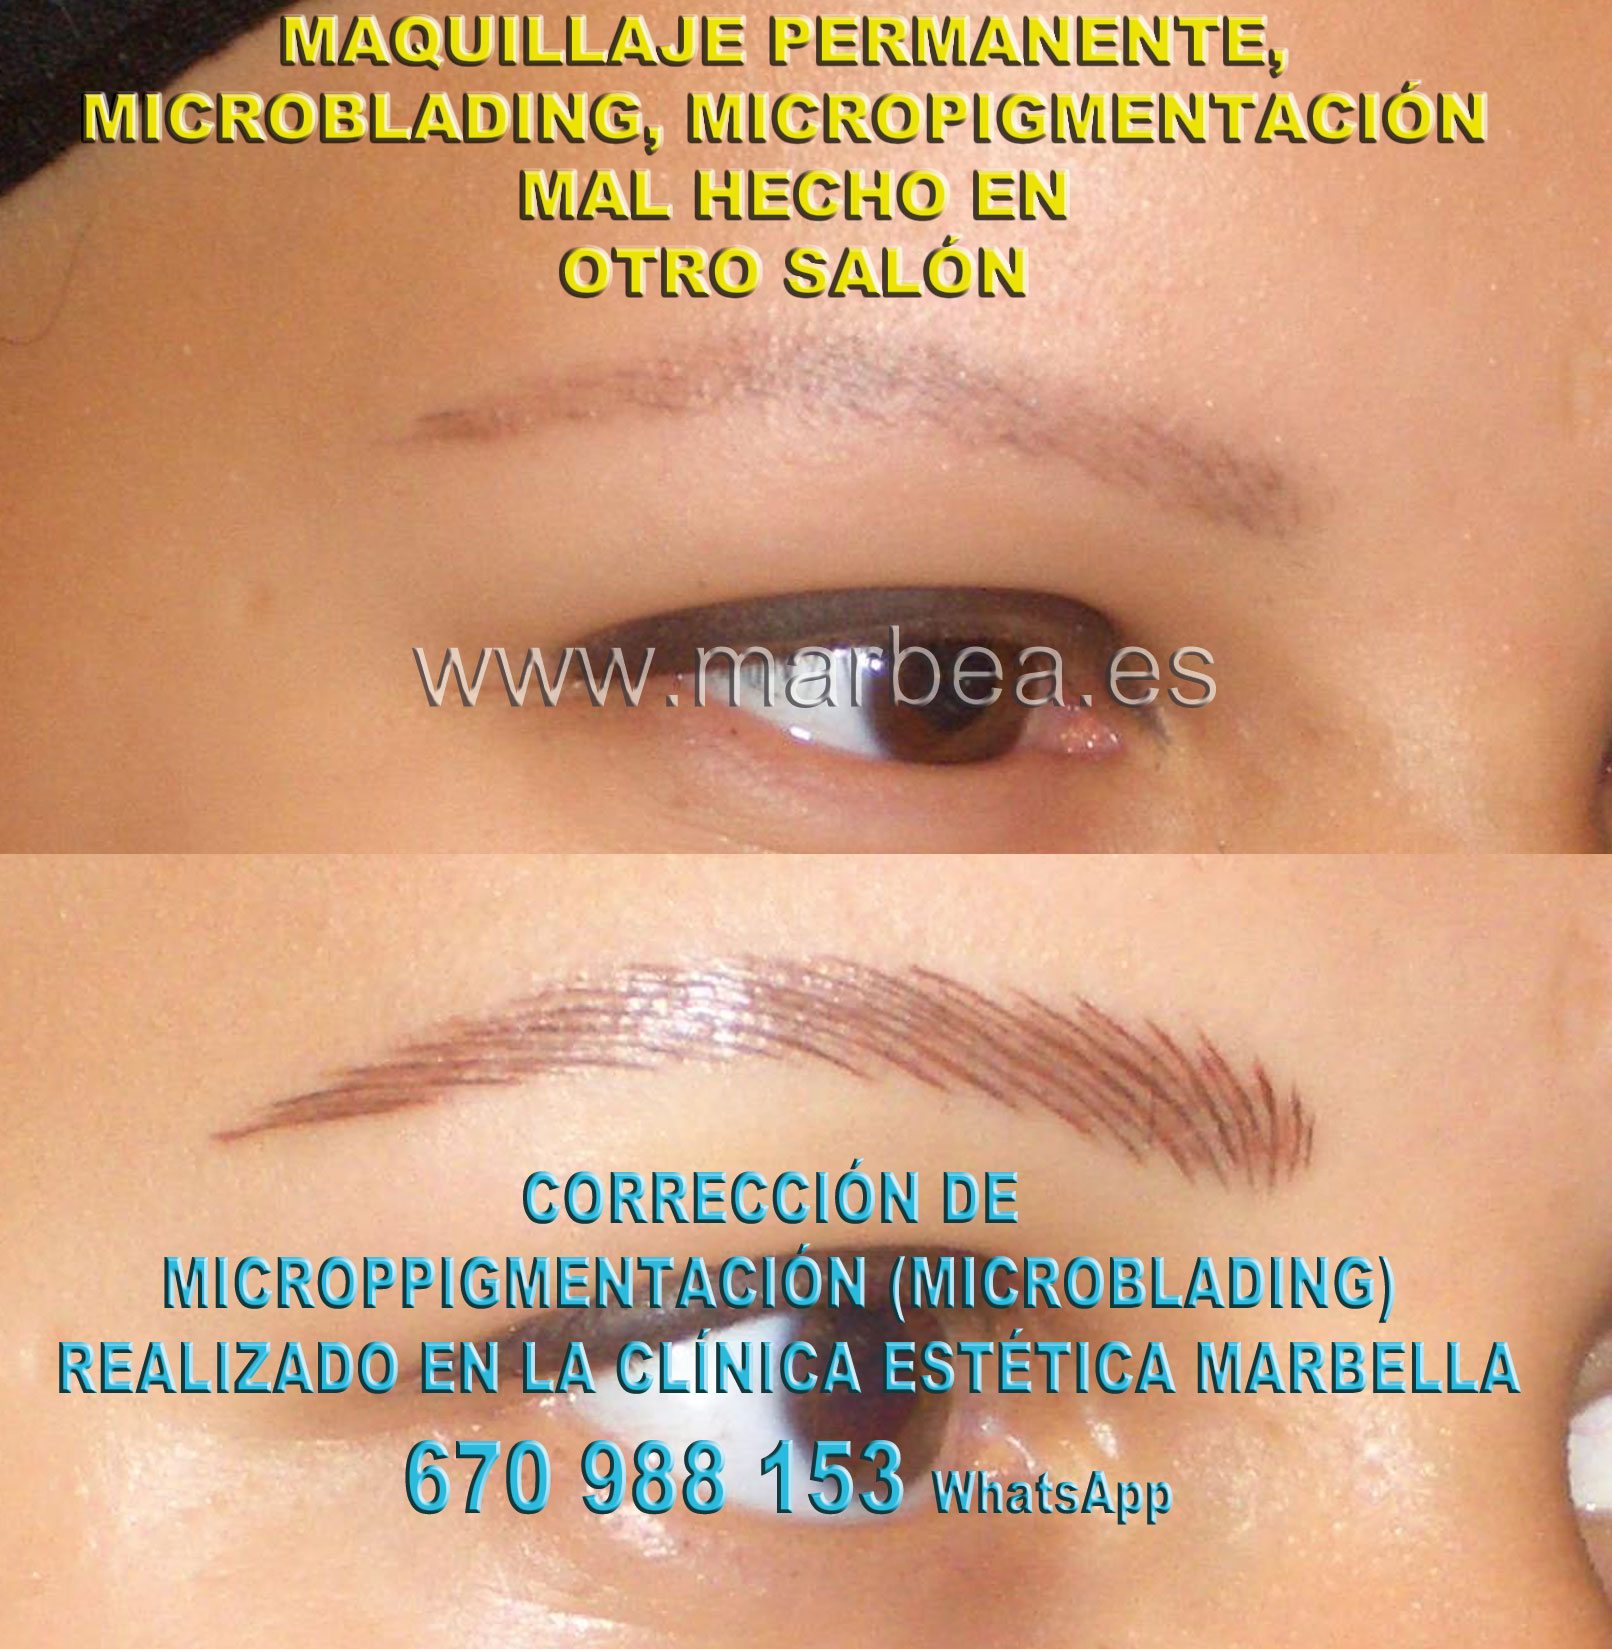 MAQUILLAJE PERMANENTE CEJAS MAL HECHO clínica estética microblading propone como aclarar la micropigmentación cejas,micropigmentación correctiva cejas mal hecha